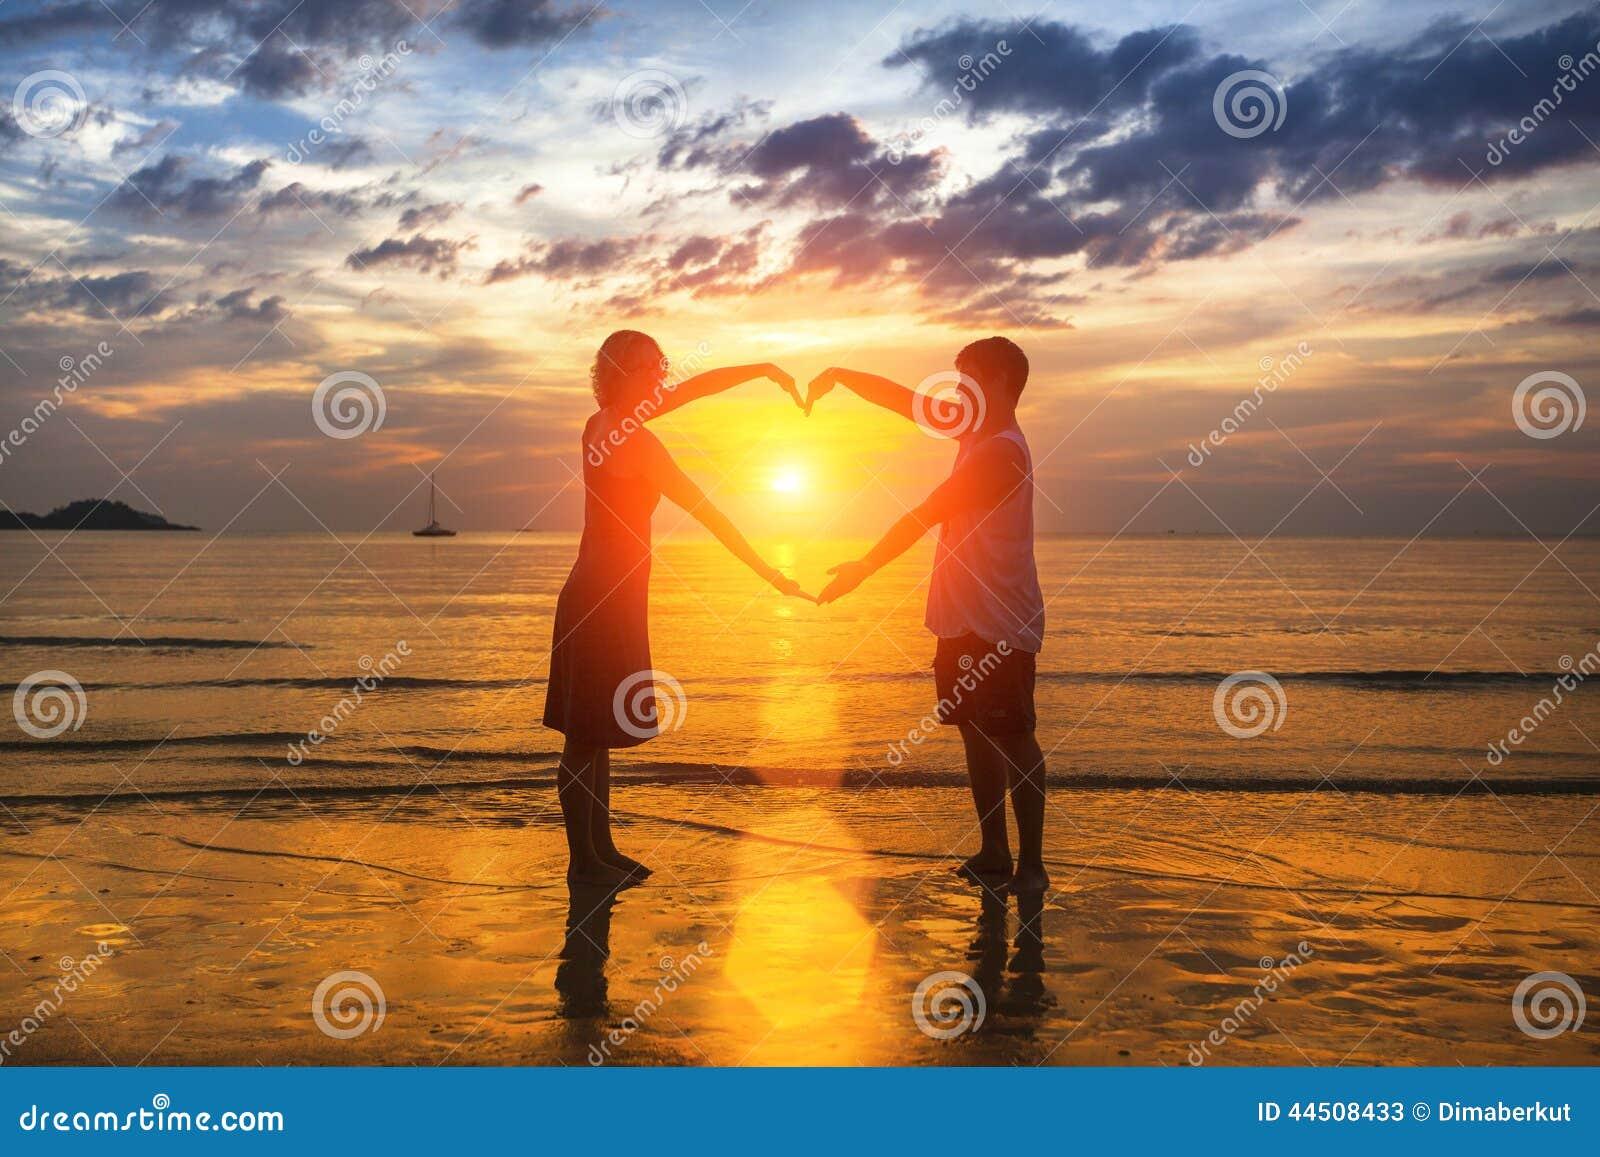 Silueta de pares cariñosos durante una puesta del sol asombrosa, llevando a cabo las manos en forma del corazón Amor